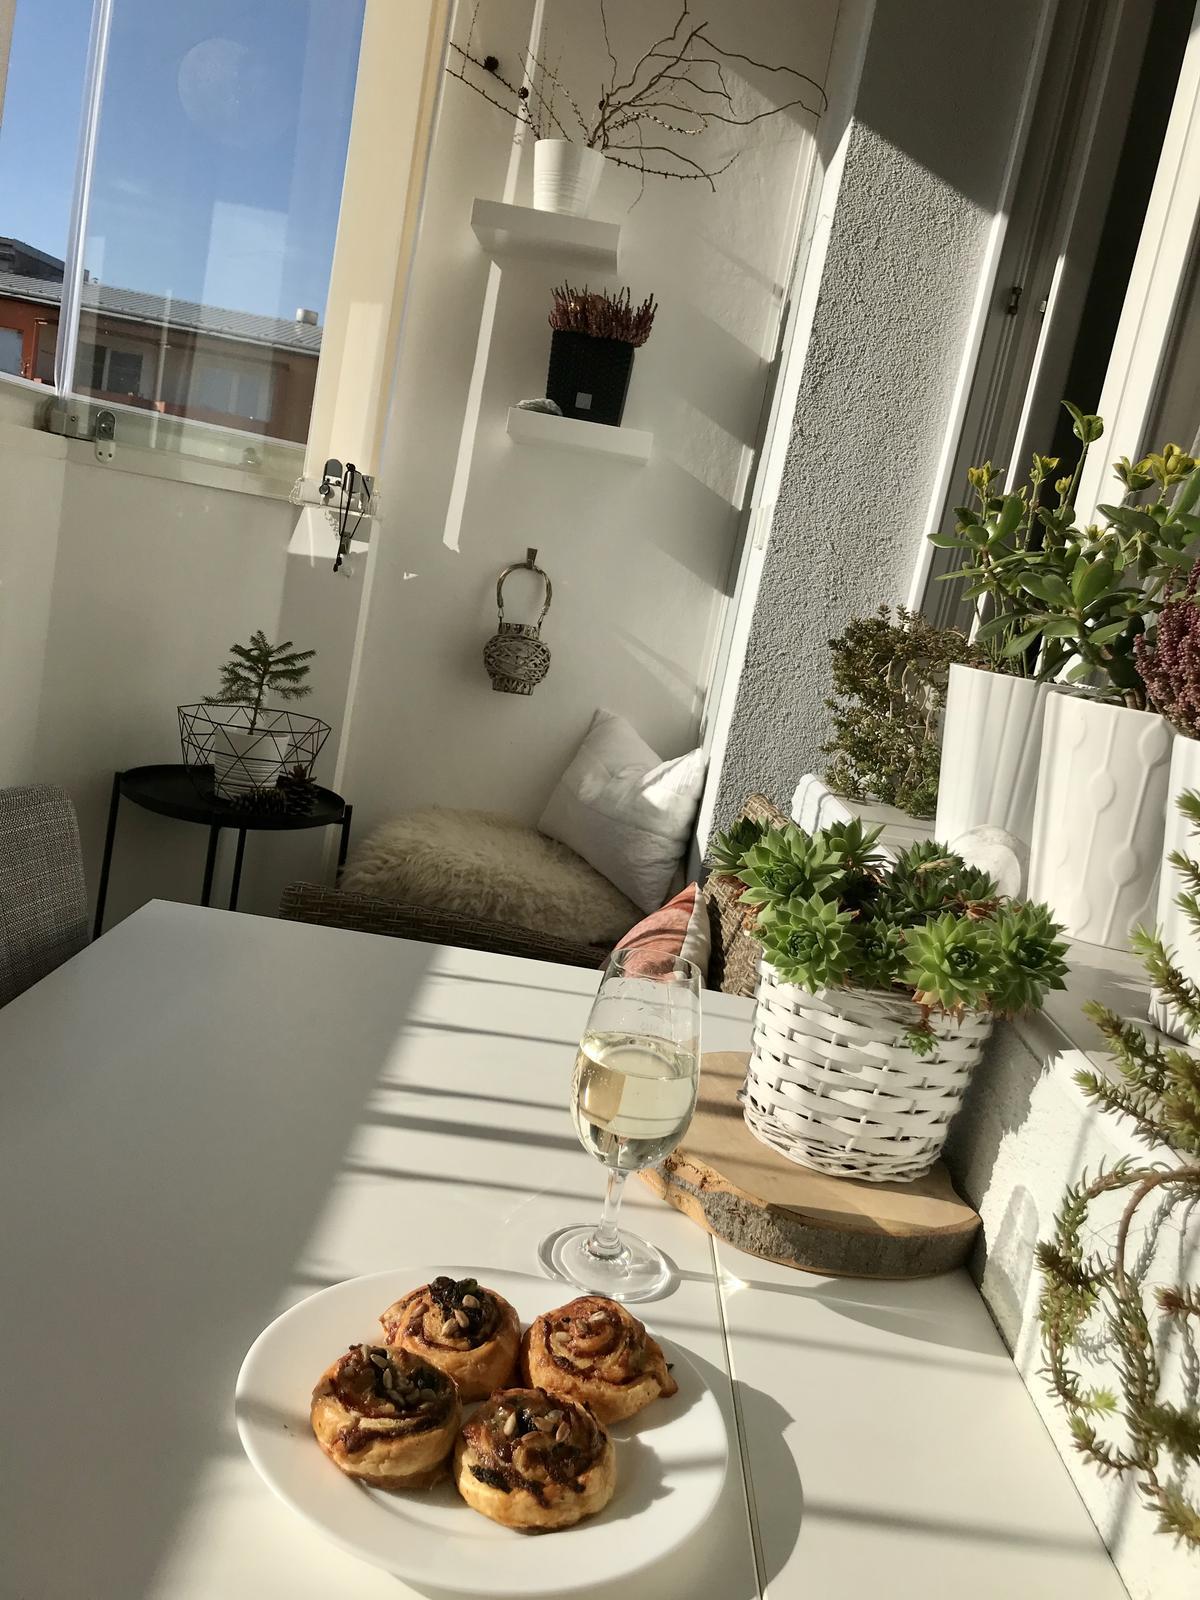 U nás doma v roce 2020 - Jedno foto z balkónu..live.. dnes už padla🤪děti říkaly, že už dnes nic nepotřebují.....😊